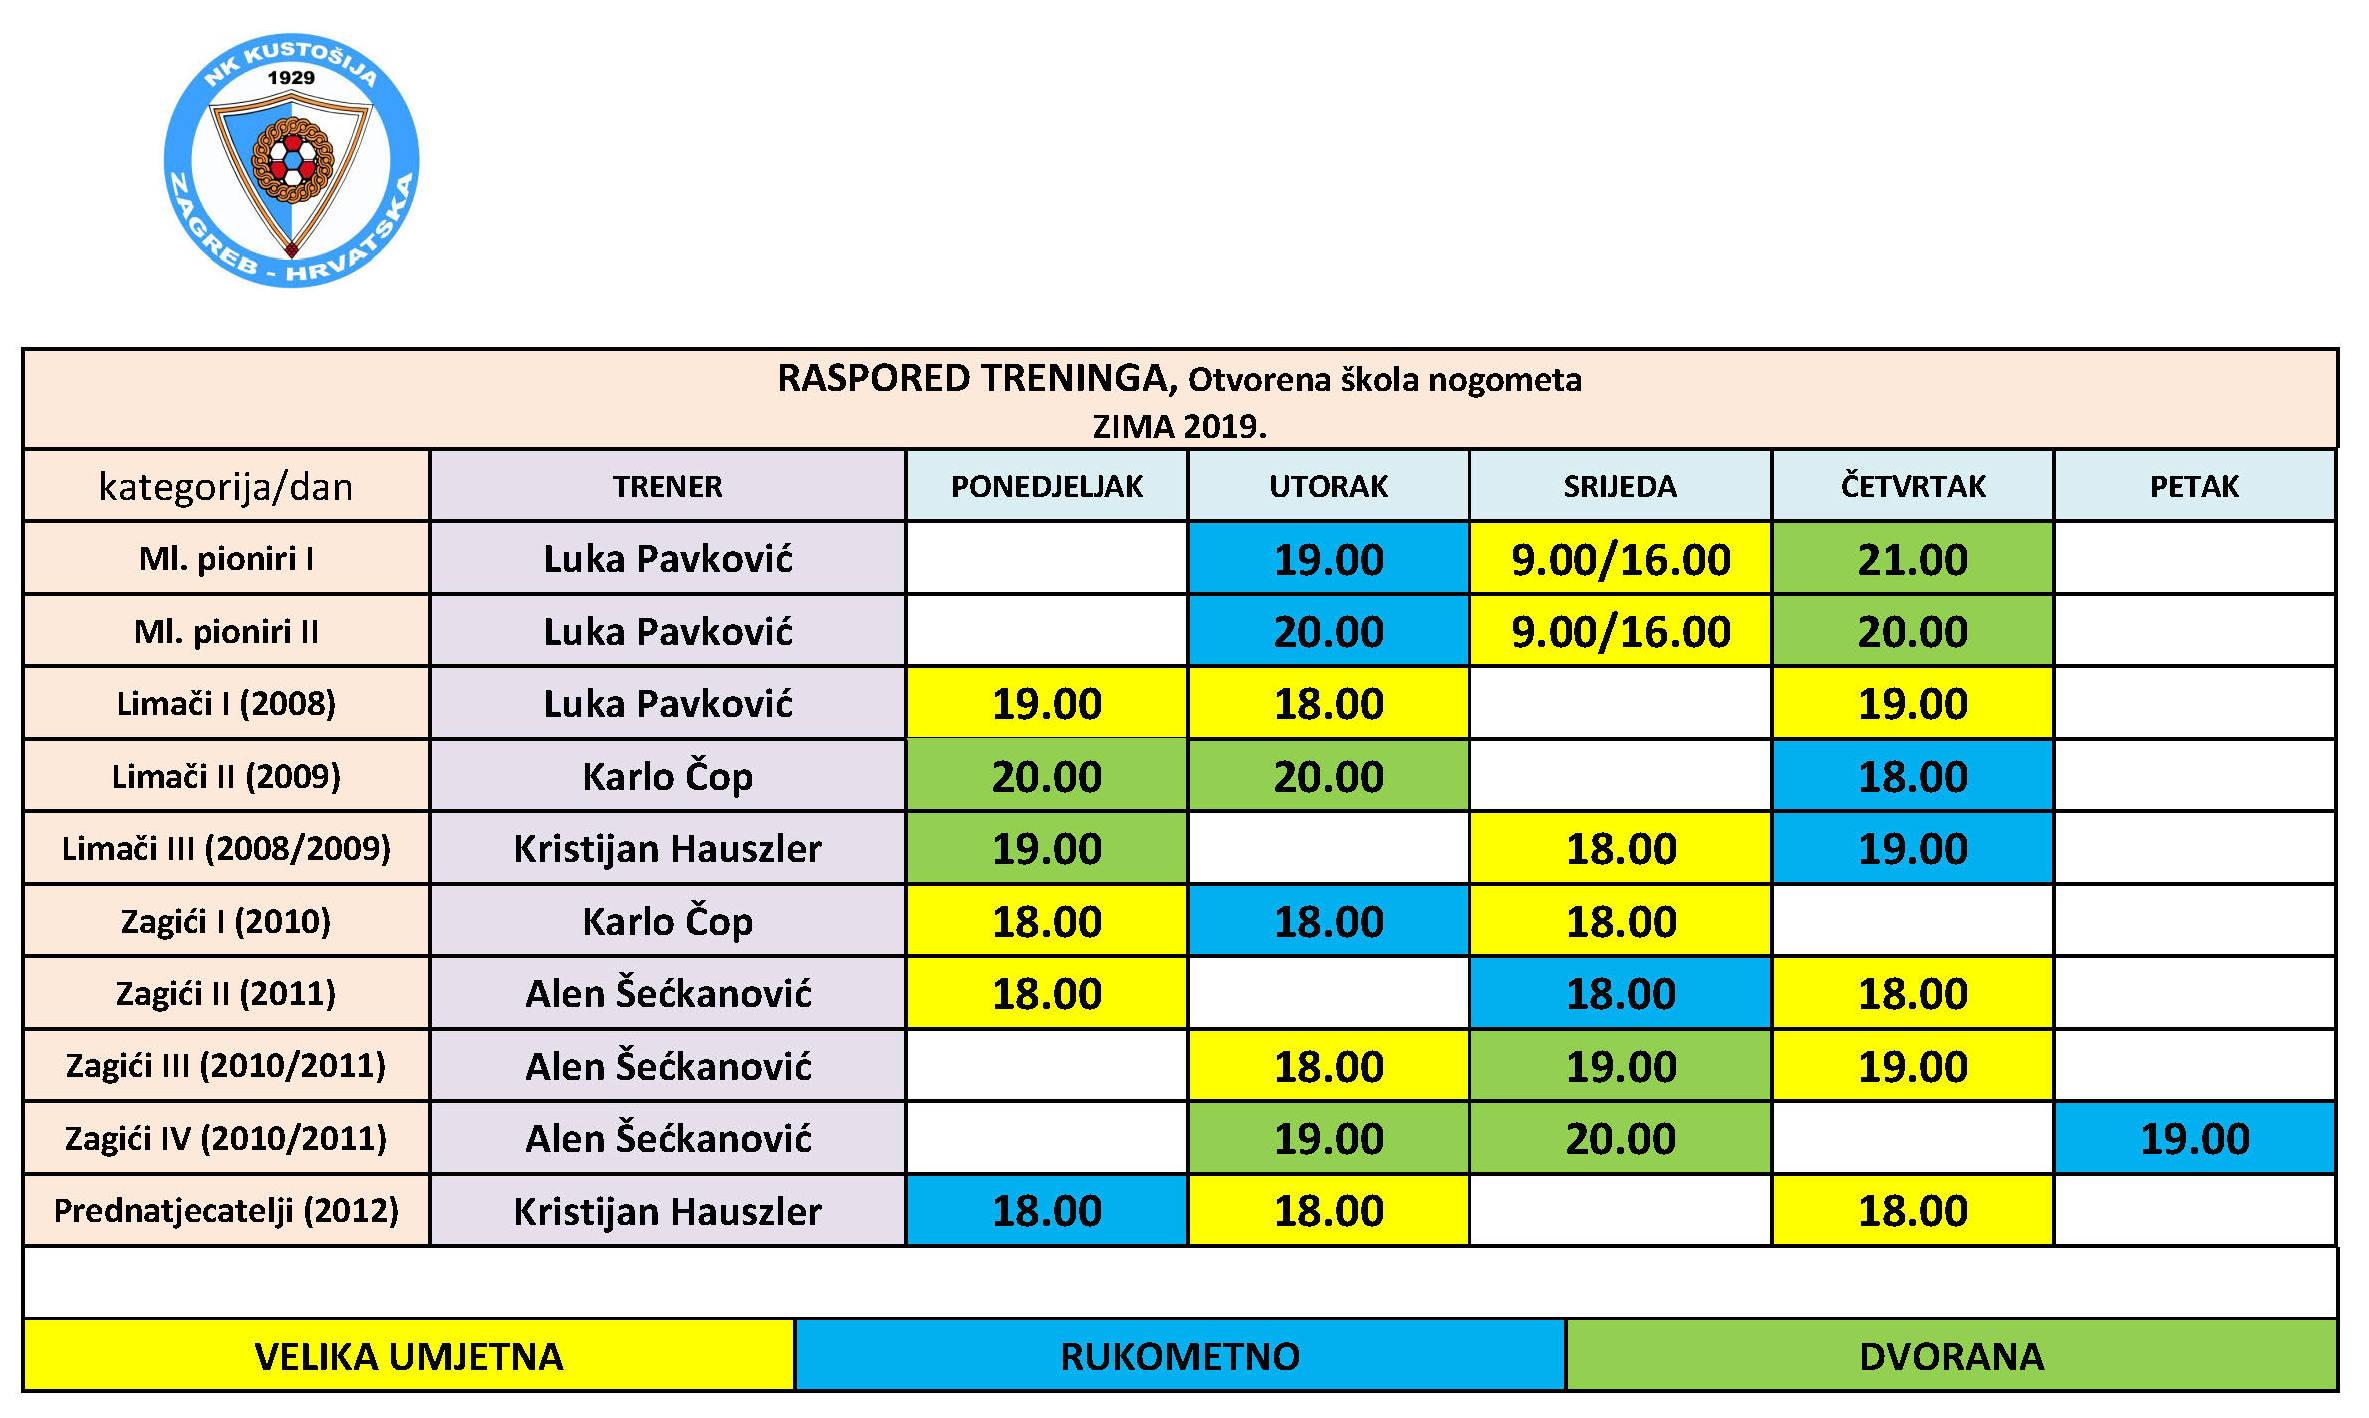 Raspored treninga - OŠ - zima 2019